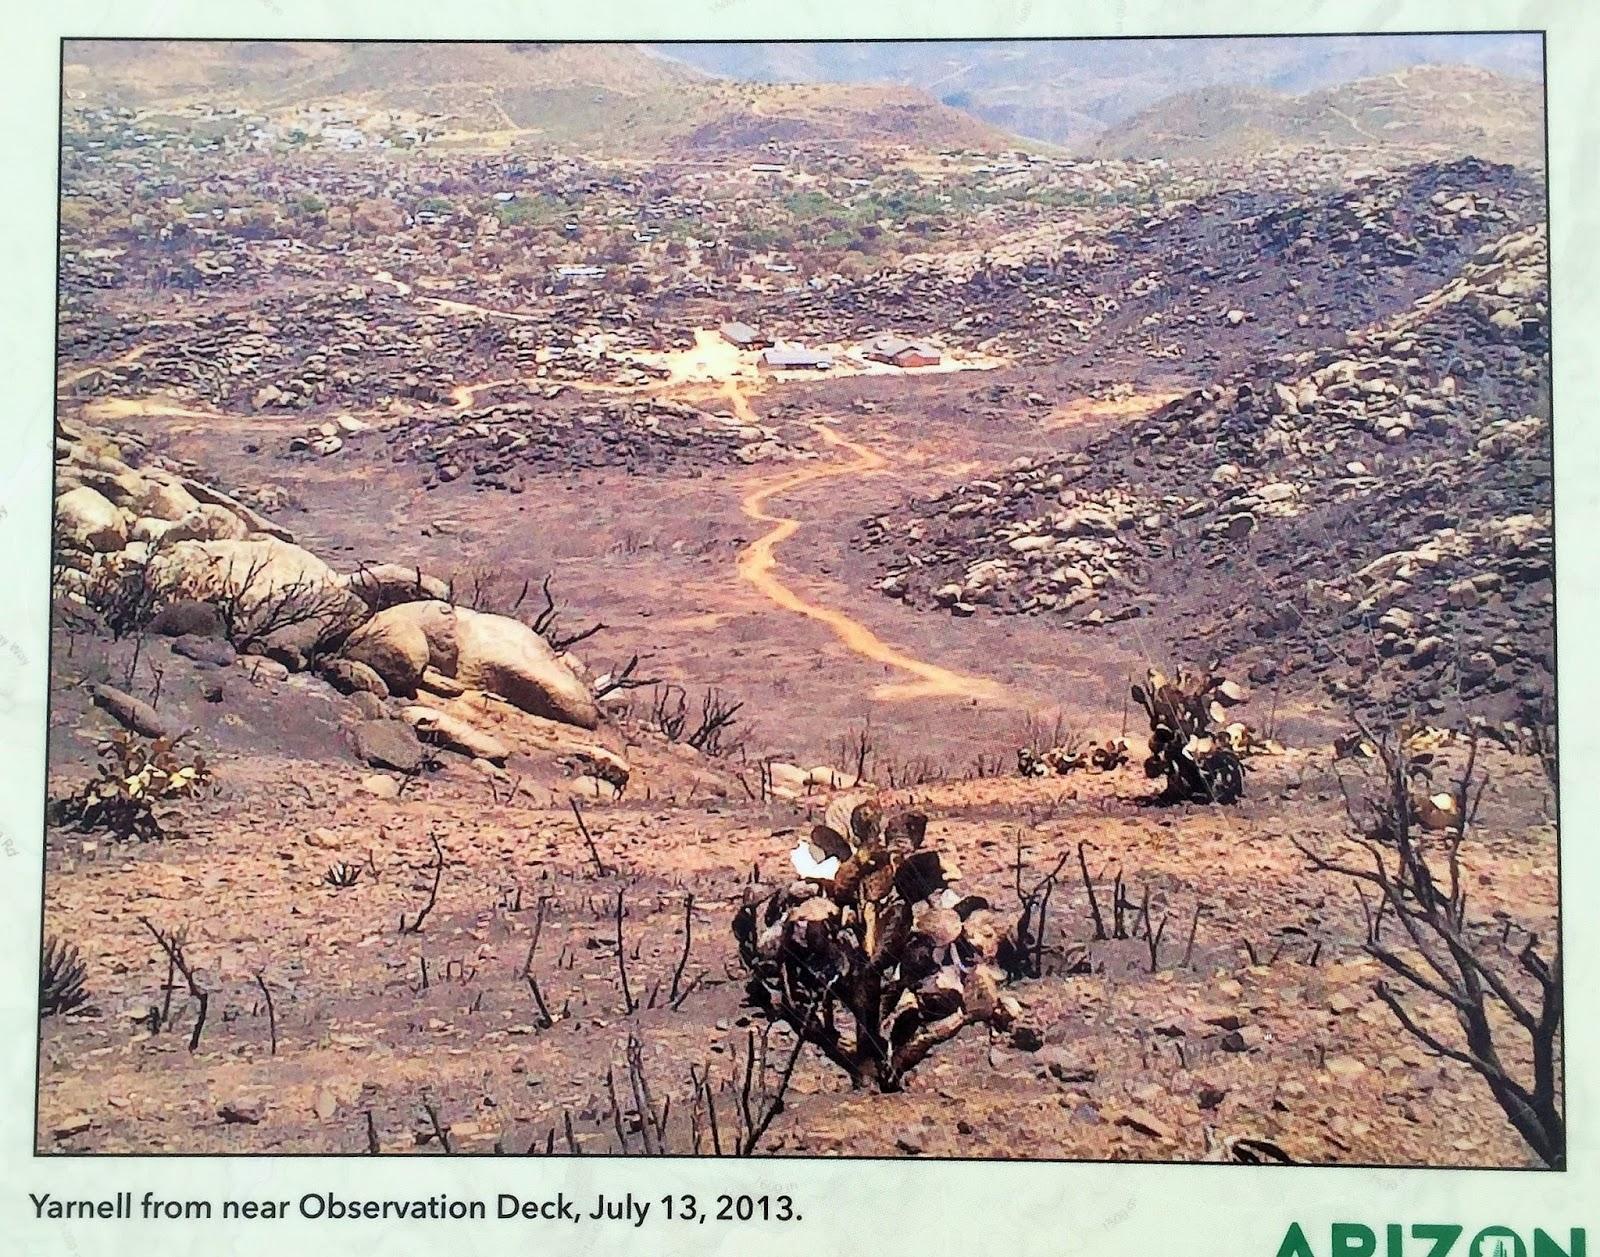 Down The Road Granite Mountain Hotshot Memorial Az Hike